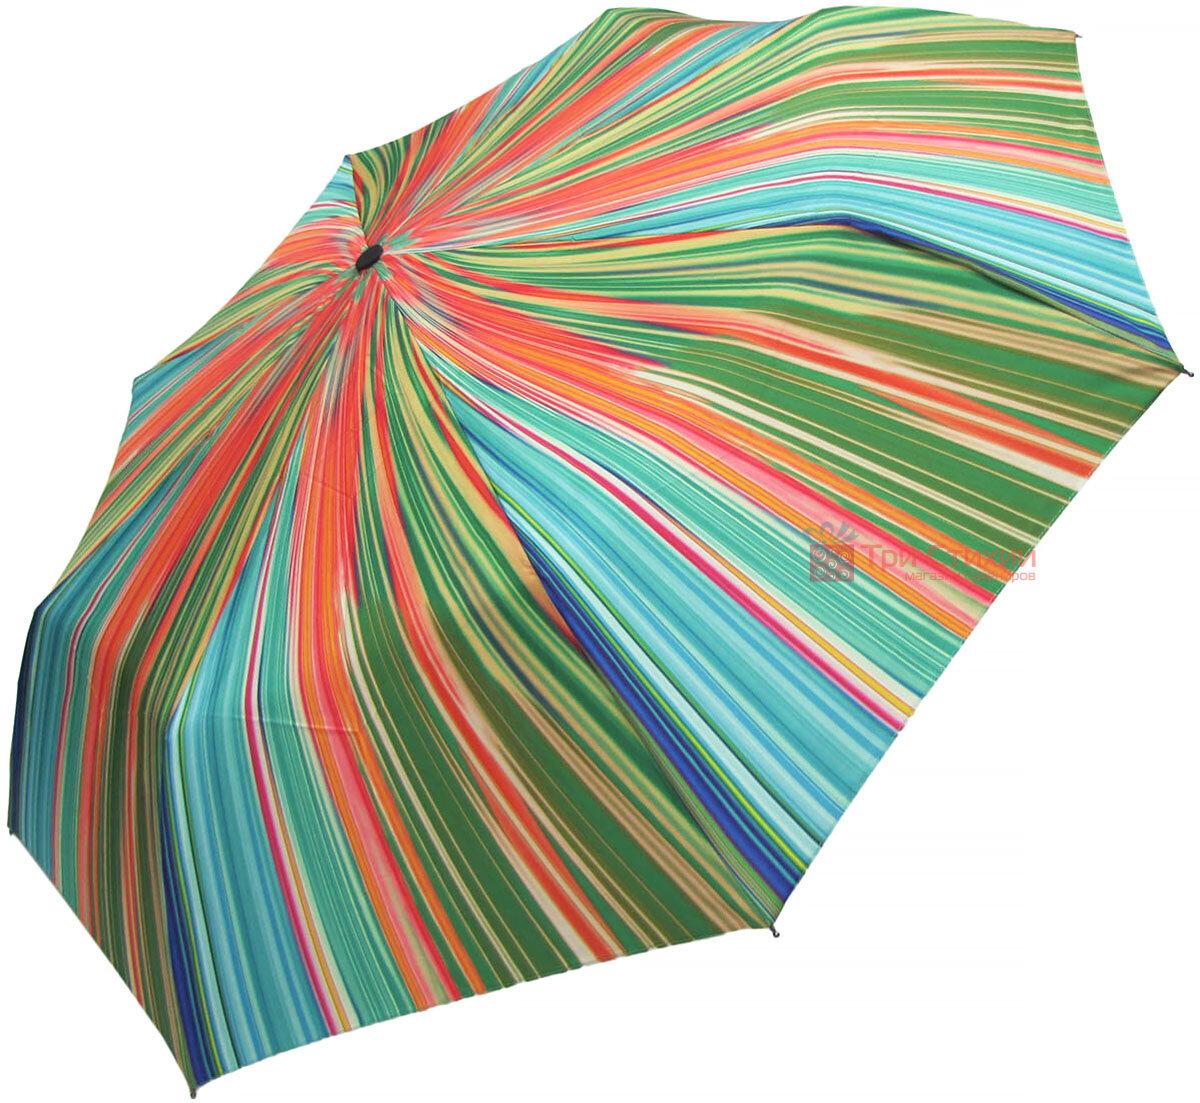 Зонт складной Doppler Carbonsteel 744865F01 полный автомат Зелено-голубой, фото